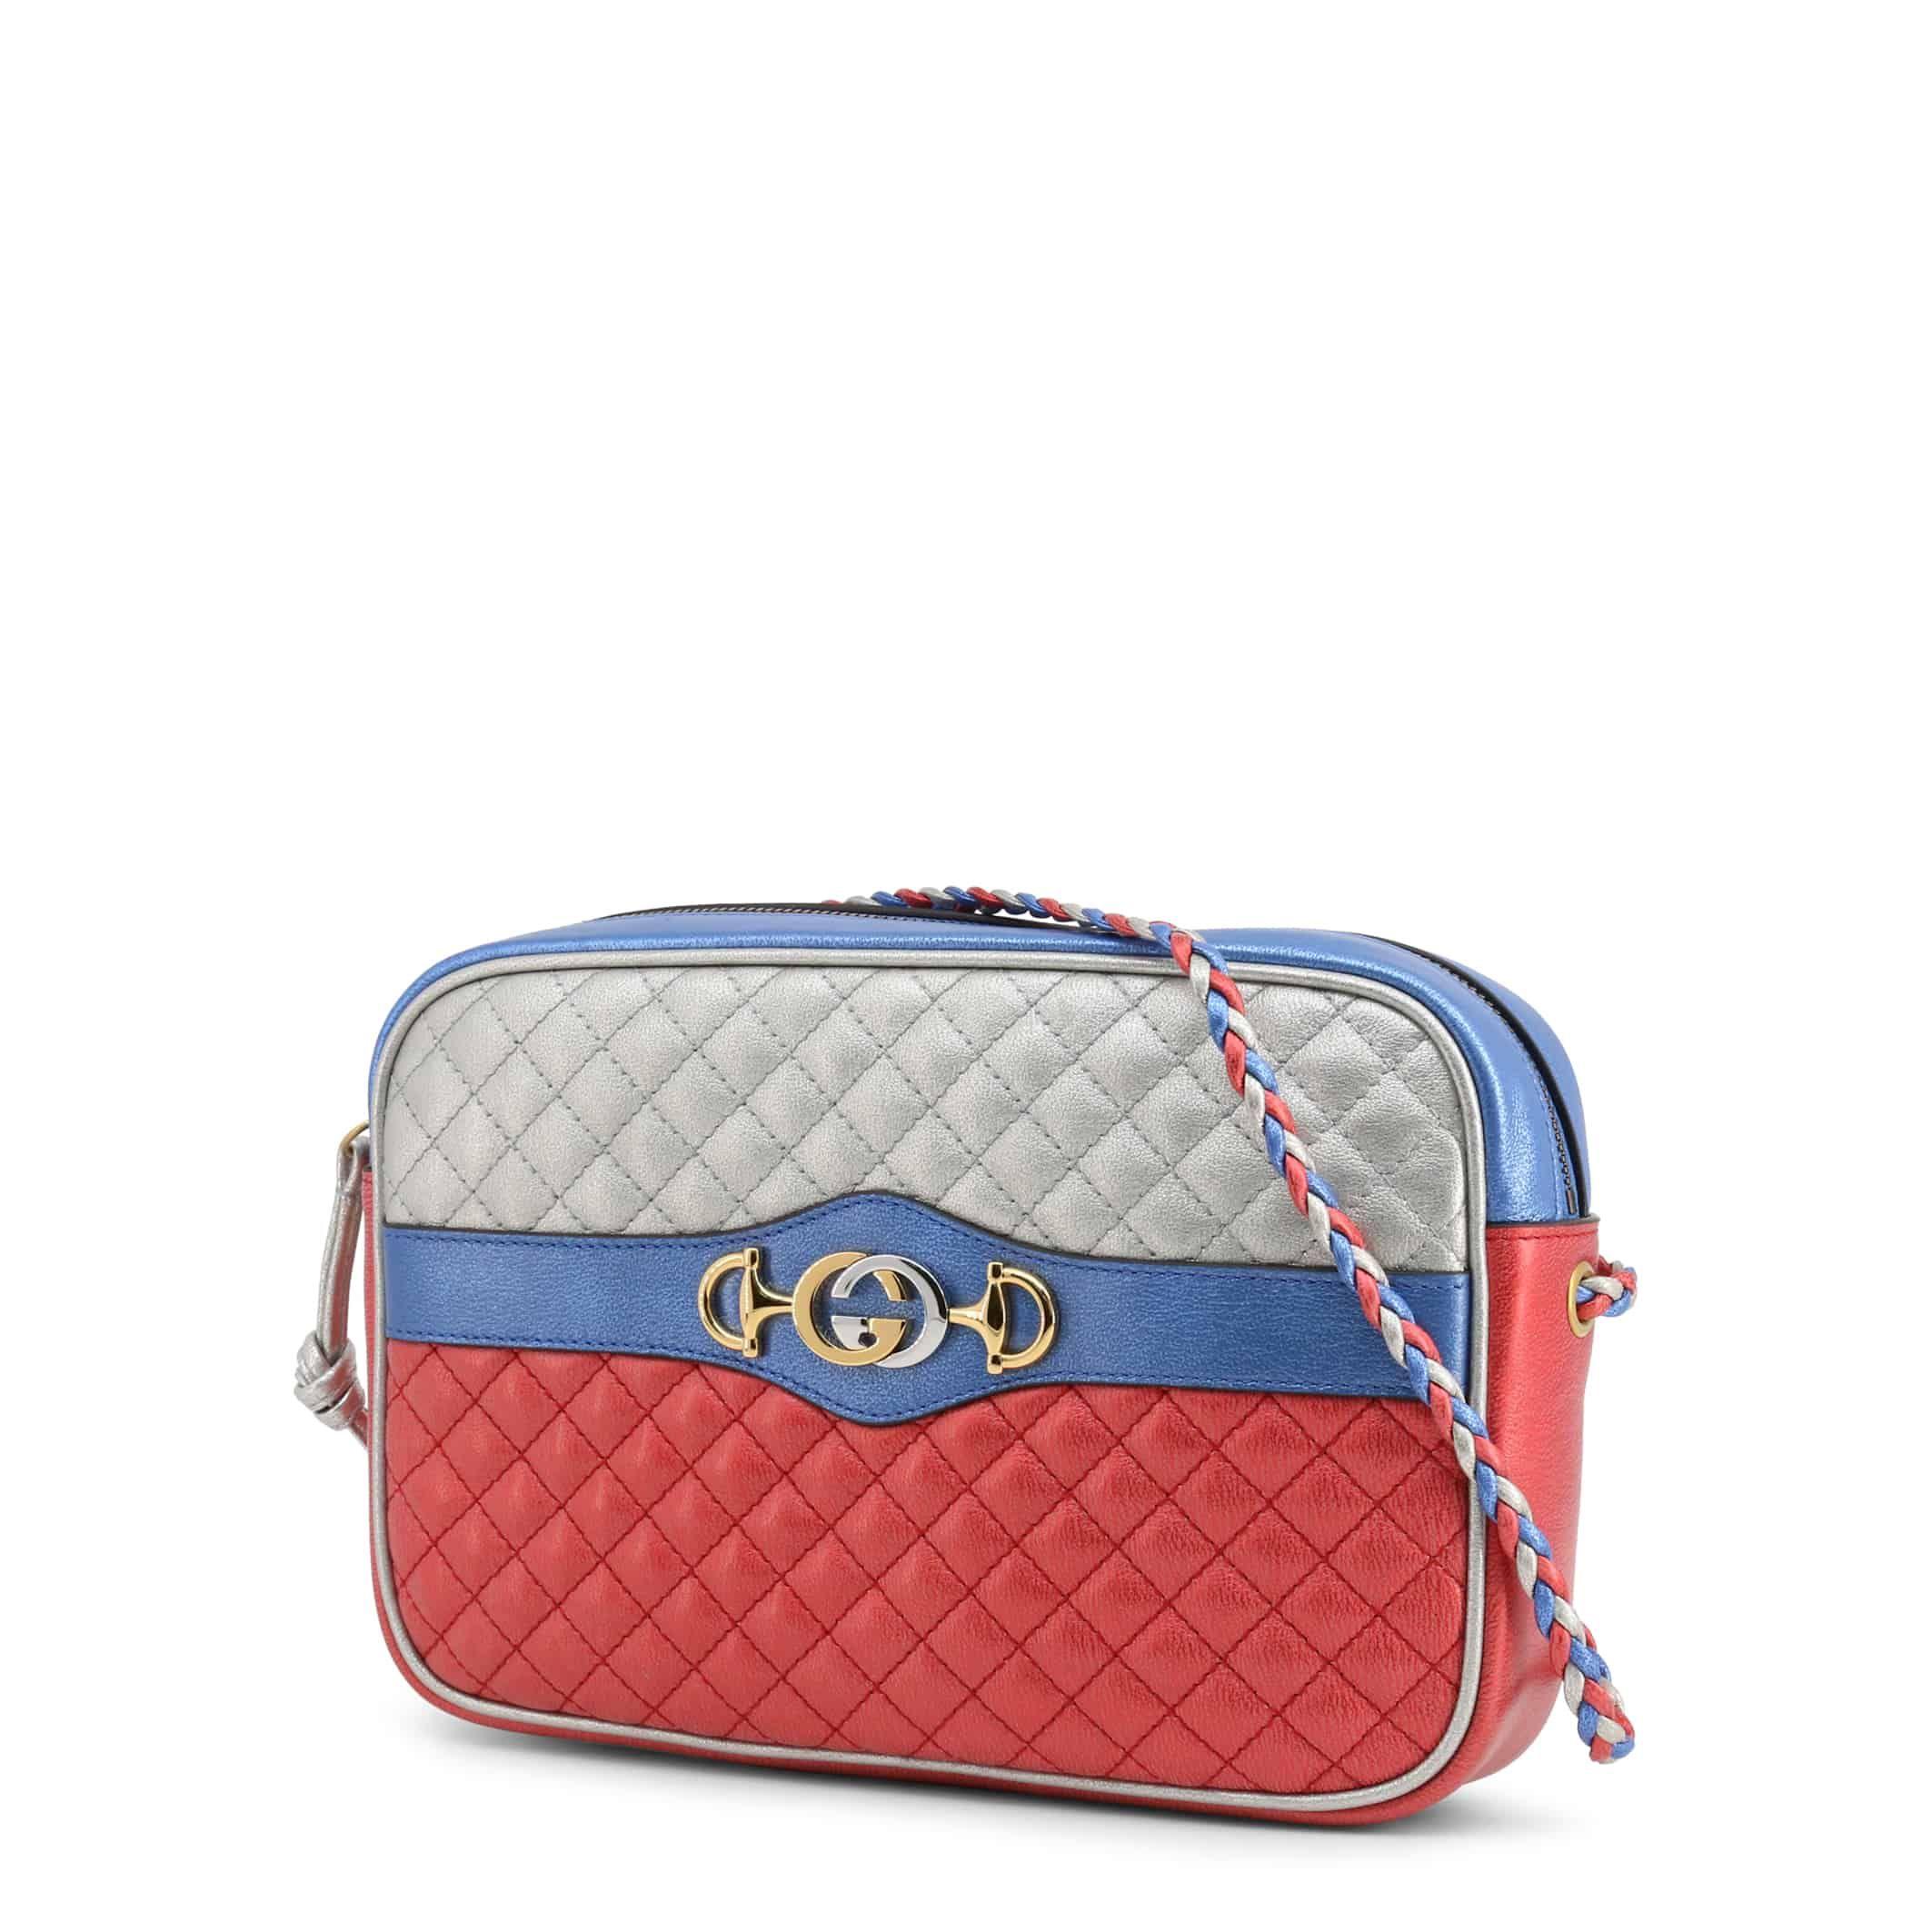 Gucci – 541061_0U14K